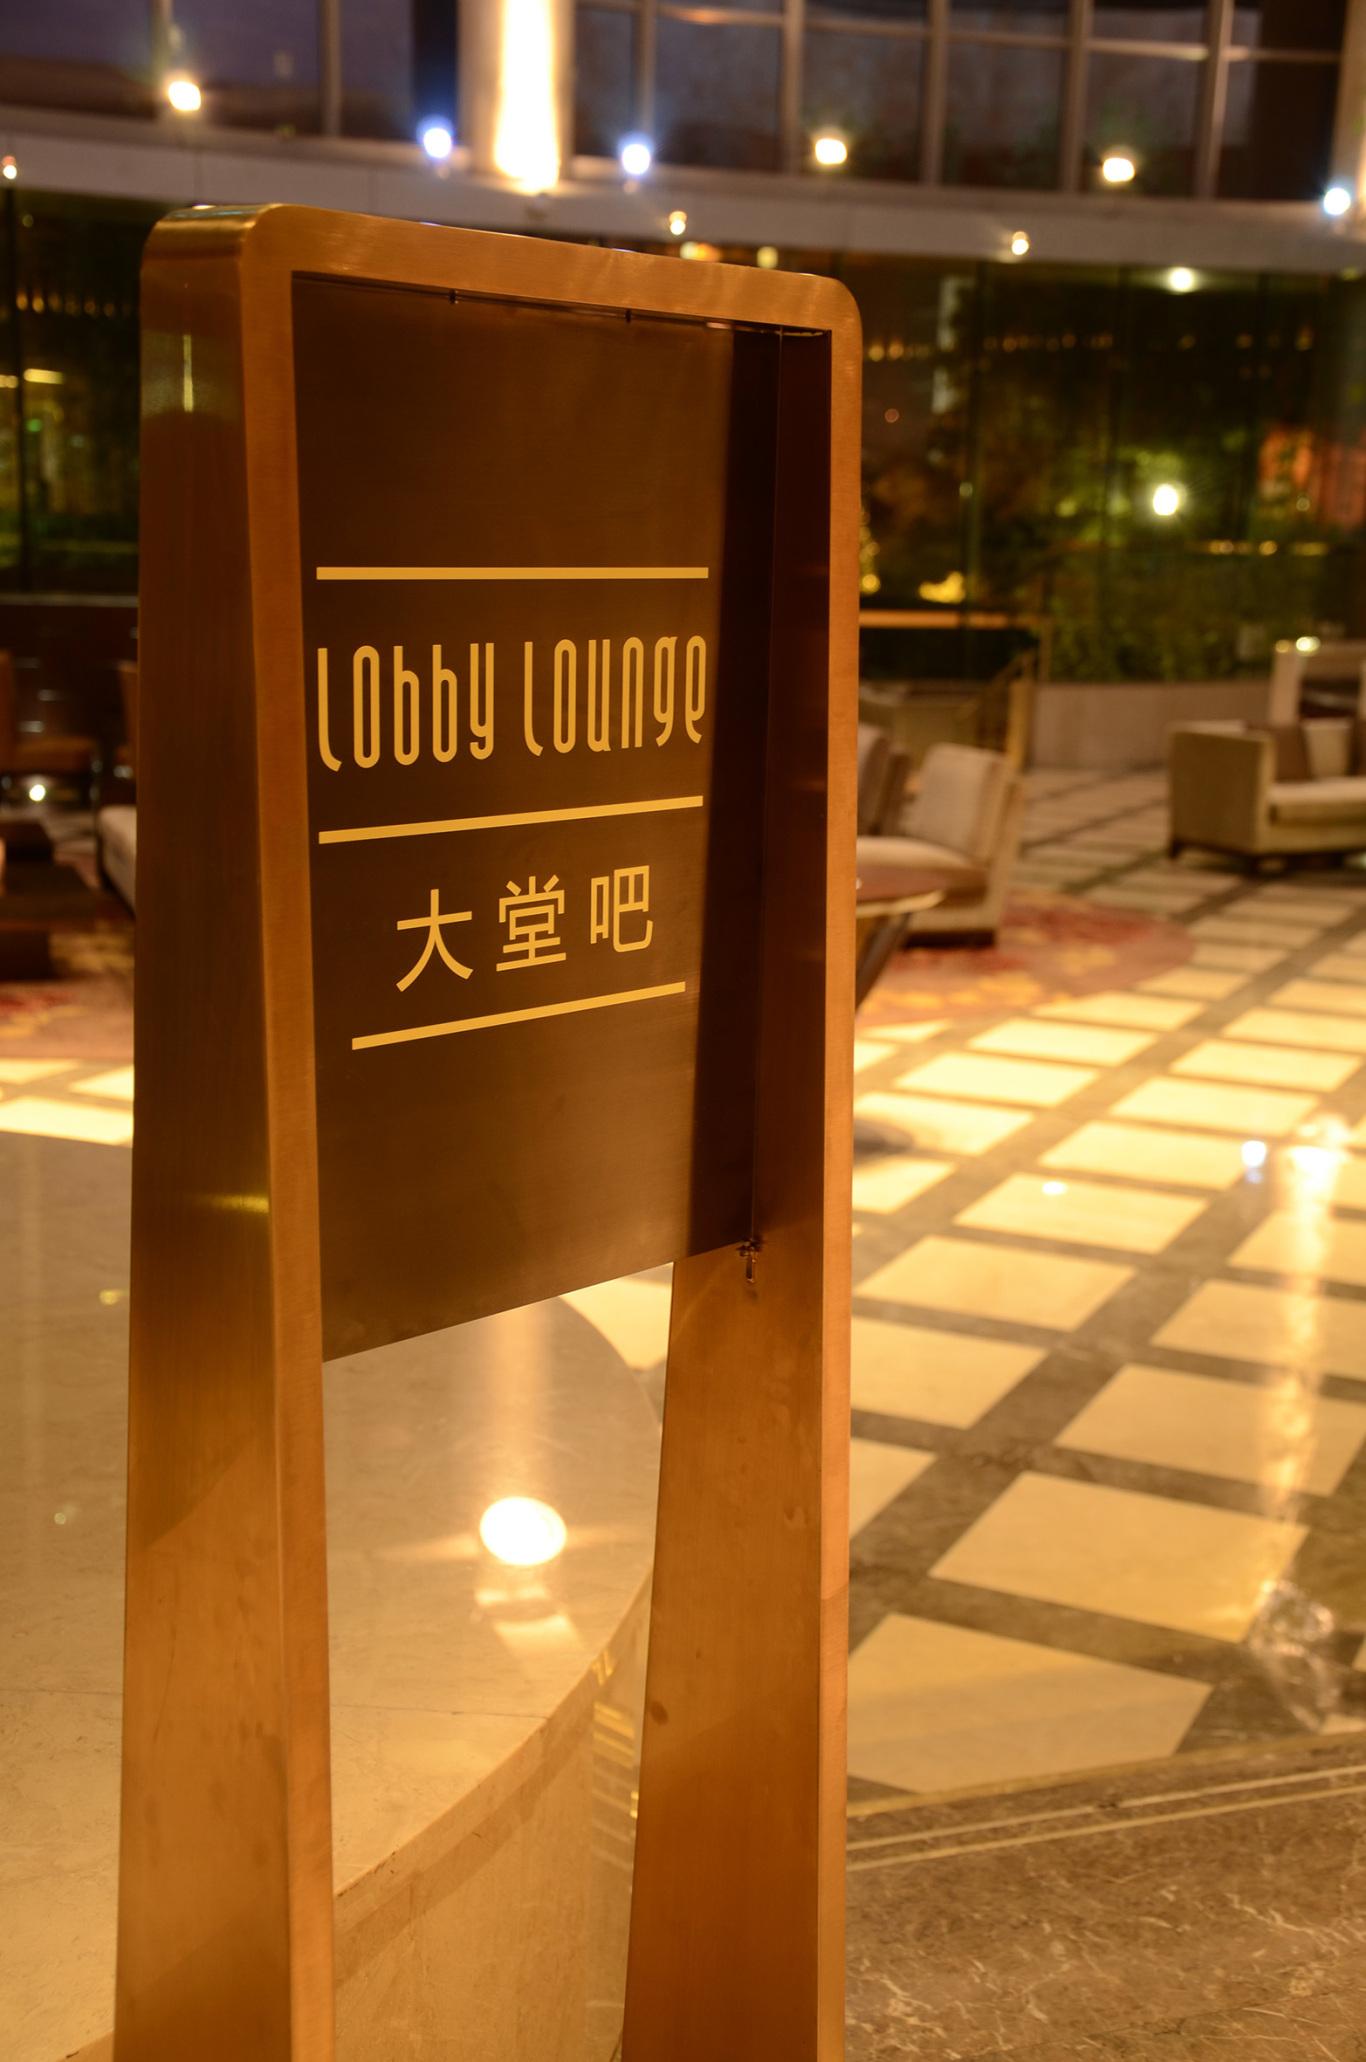 南京希尔顿酒店标识系统设计图2